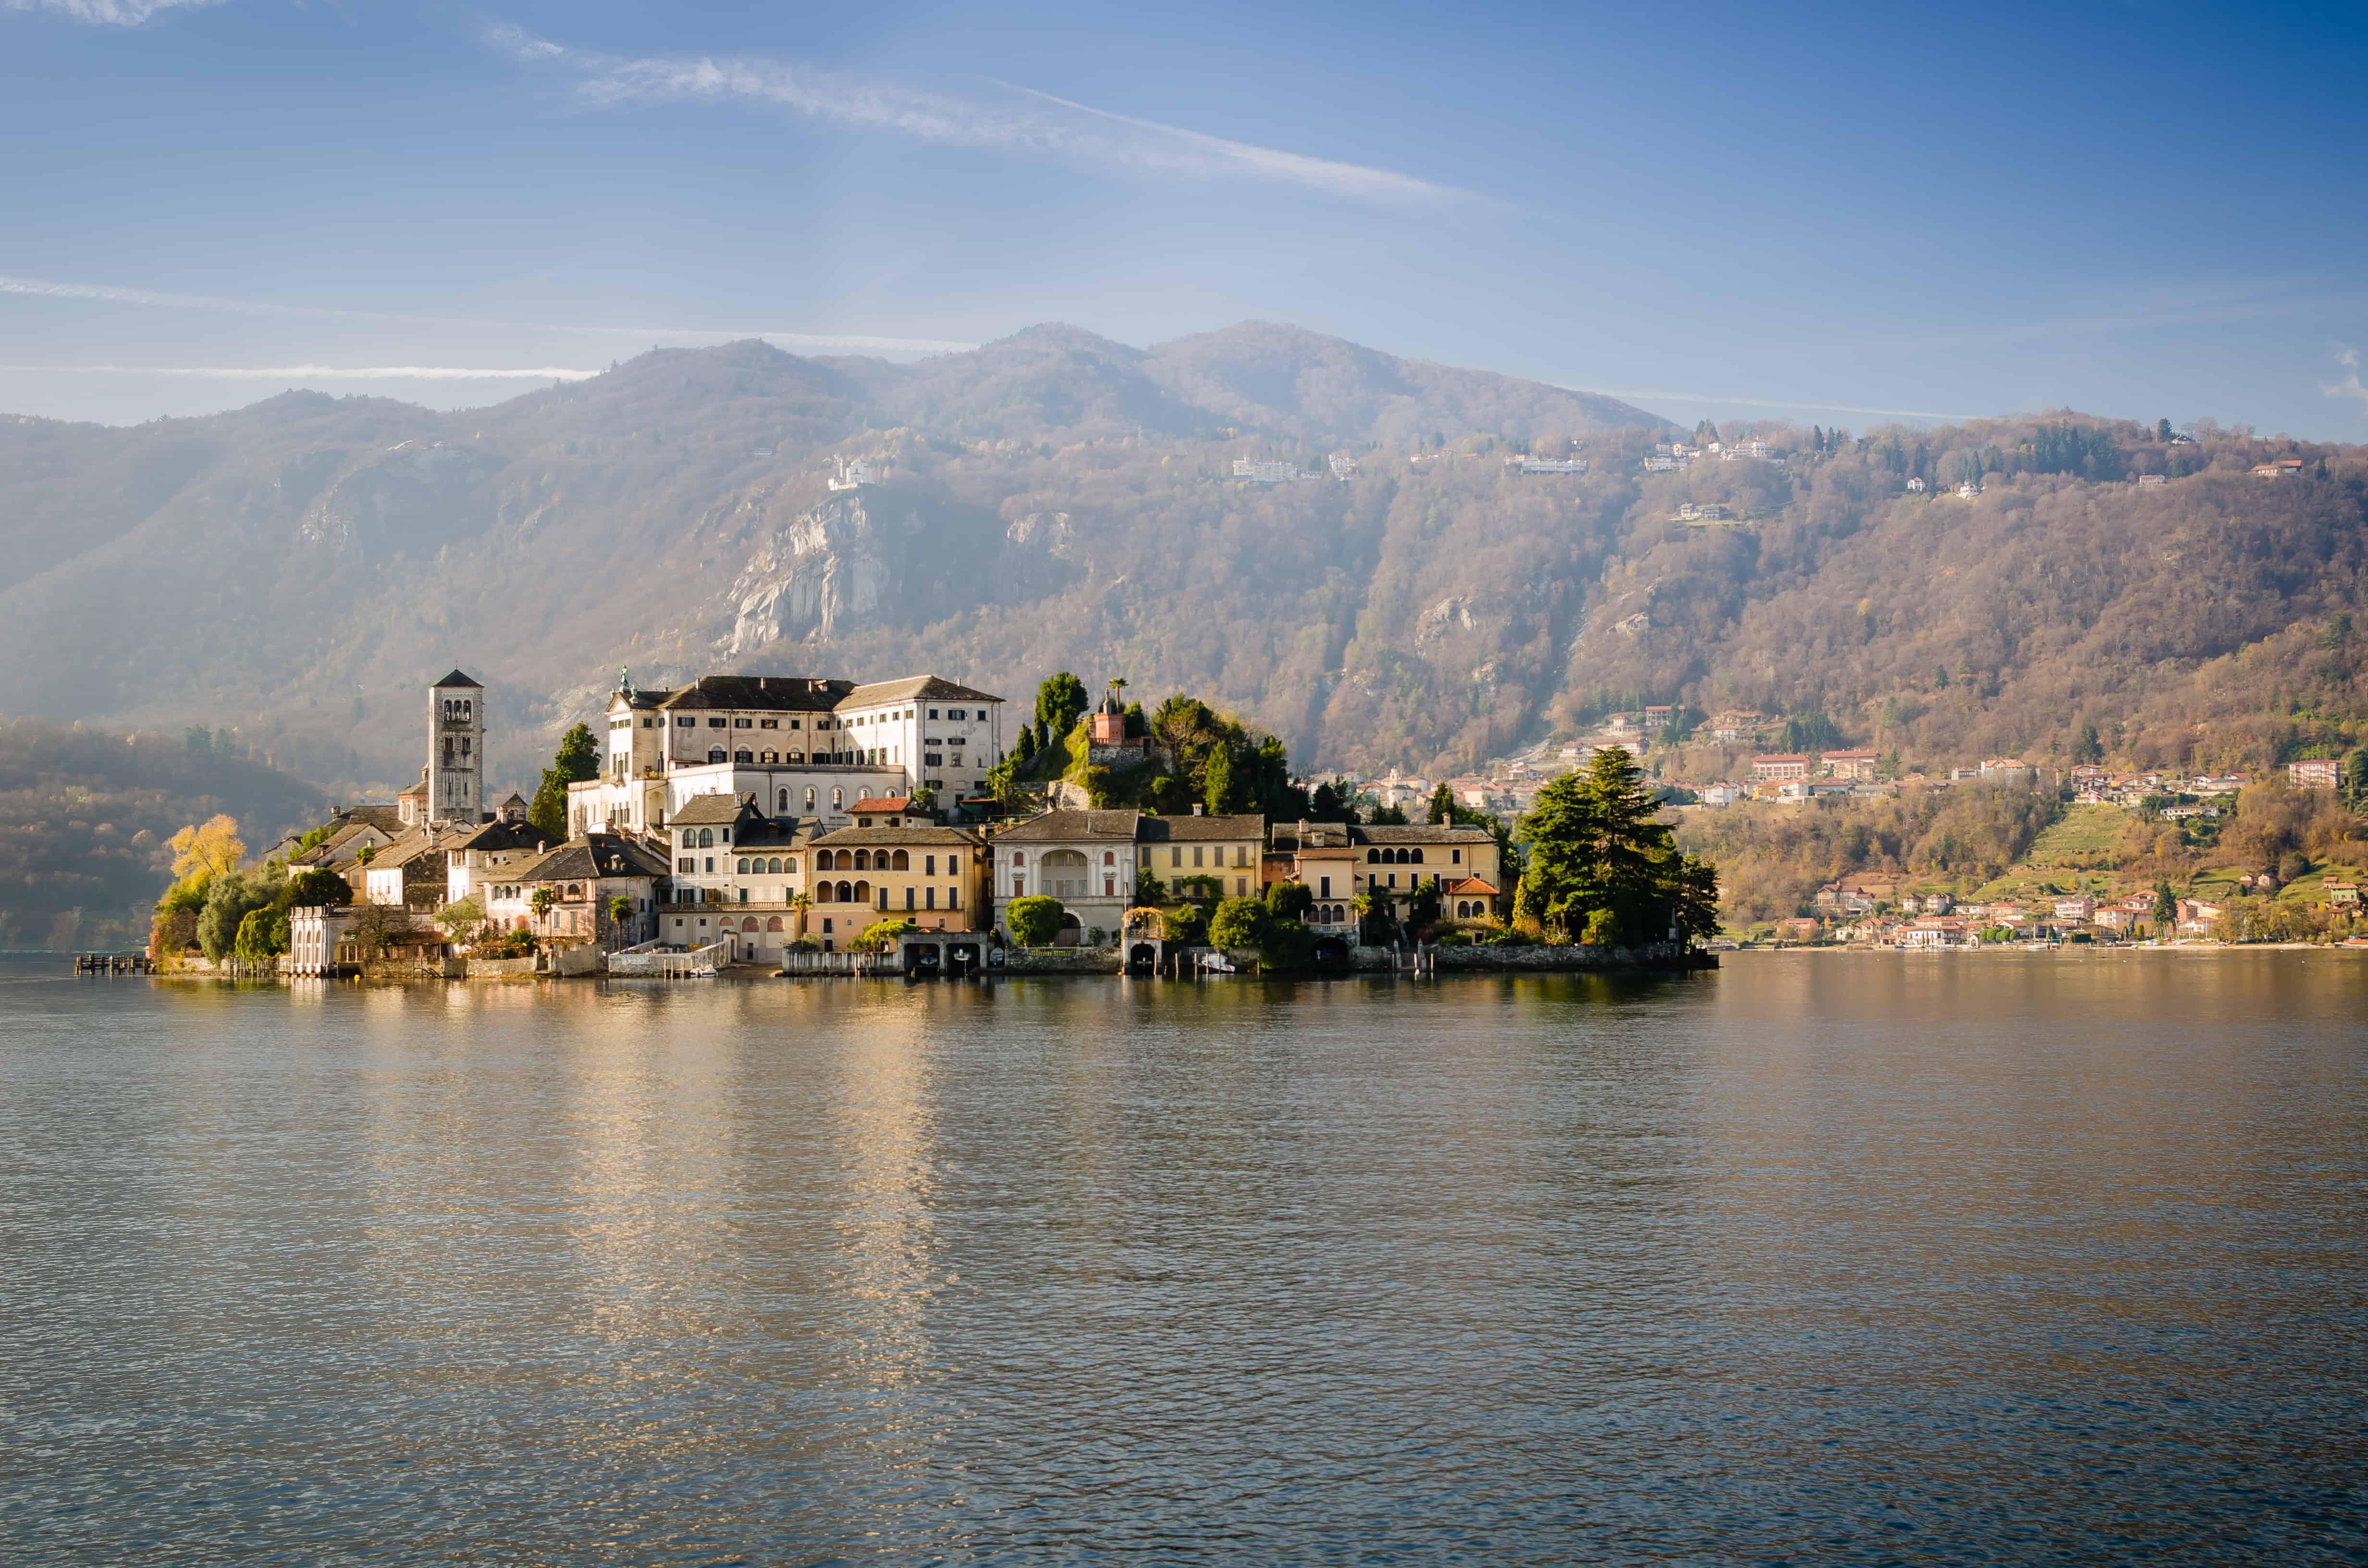 Une île dans un lac: Isola San Guilio.